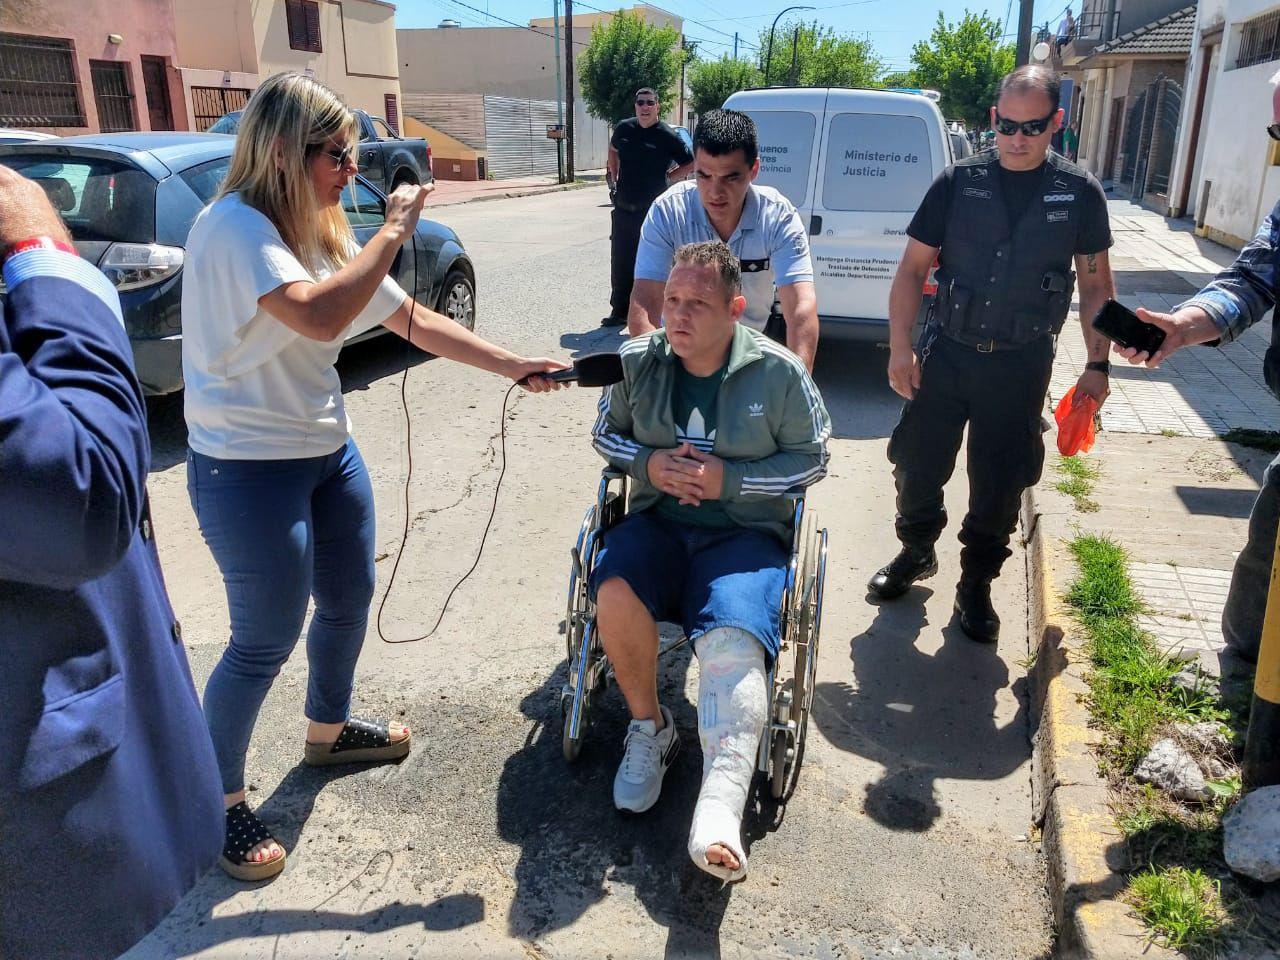 El Pepo con un yeso en su pierna izquierda. El accidente ocurrió hace más de 25 días. Su abogado pidió que sea operado cuanto antes y que le permitan hacer la recuperación en su domicilio